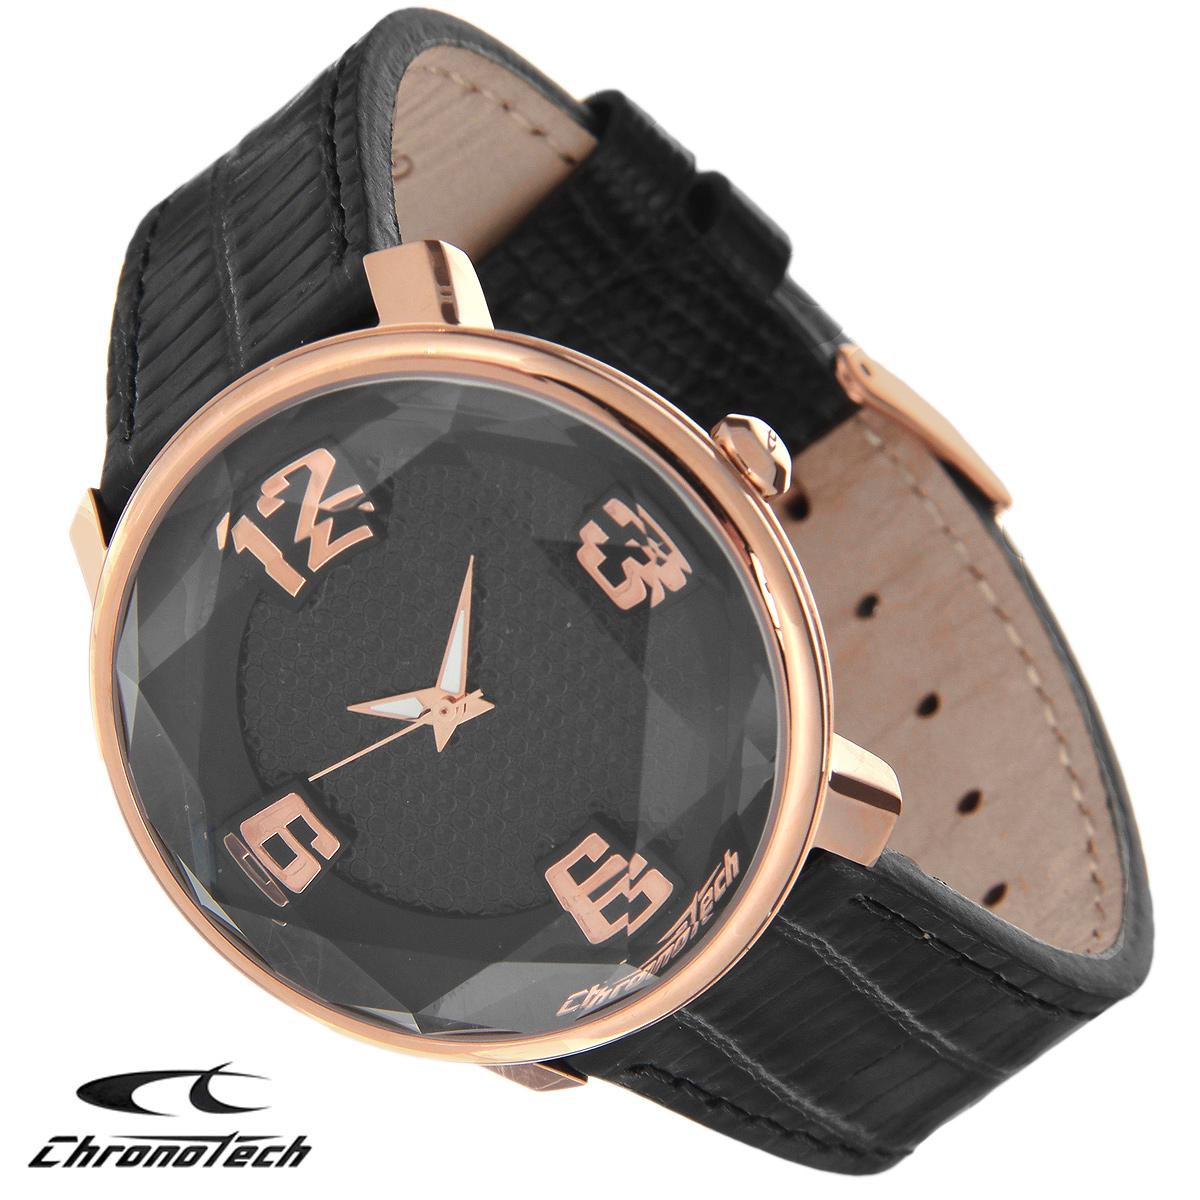 Часы женские наручные Chronotech, цвет: черный, золотой. RW0096RW0096Часы Chronotech - это часы для современных и стильных девушек, которые стремятся выделиться из толпы и подчеркнуть свою индивидуальность. Корпус часов выполнен из нержавеющей стали с PVD-покрытием. Циферблат оформлен арабскими цифрами и защищен минеральным стеклом с огранкой. Часы имеют три стрелки - часовую, минутную и секундную. Стрелки светятся в темноте. Ремешок часов выполнен из натуральной кожи с тиснением и застегивается на классическую застежку. Часы упакованы в фирменную коробку с логотипом компании Chronotech. Такой аксессуар добавит вашему образу стиля и подчеркнет безупречный вкус своей владелицы. Характеристики: Диаметр циферблата: 3,5 см. Размер корпуса: 4 см х 4 см х 1 см. Длина ремешка (с корпусом): 23 см. Ширина ремешка: 1,7 см.